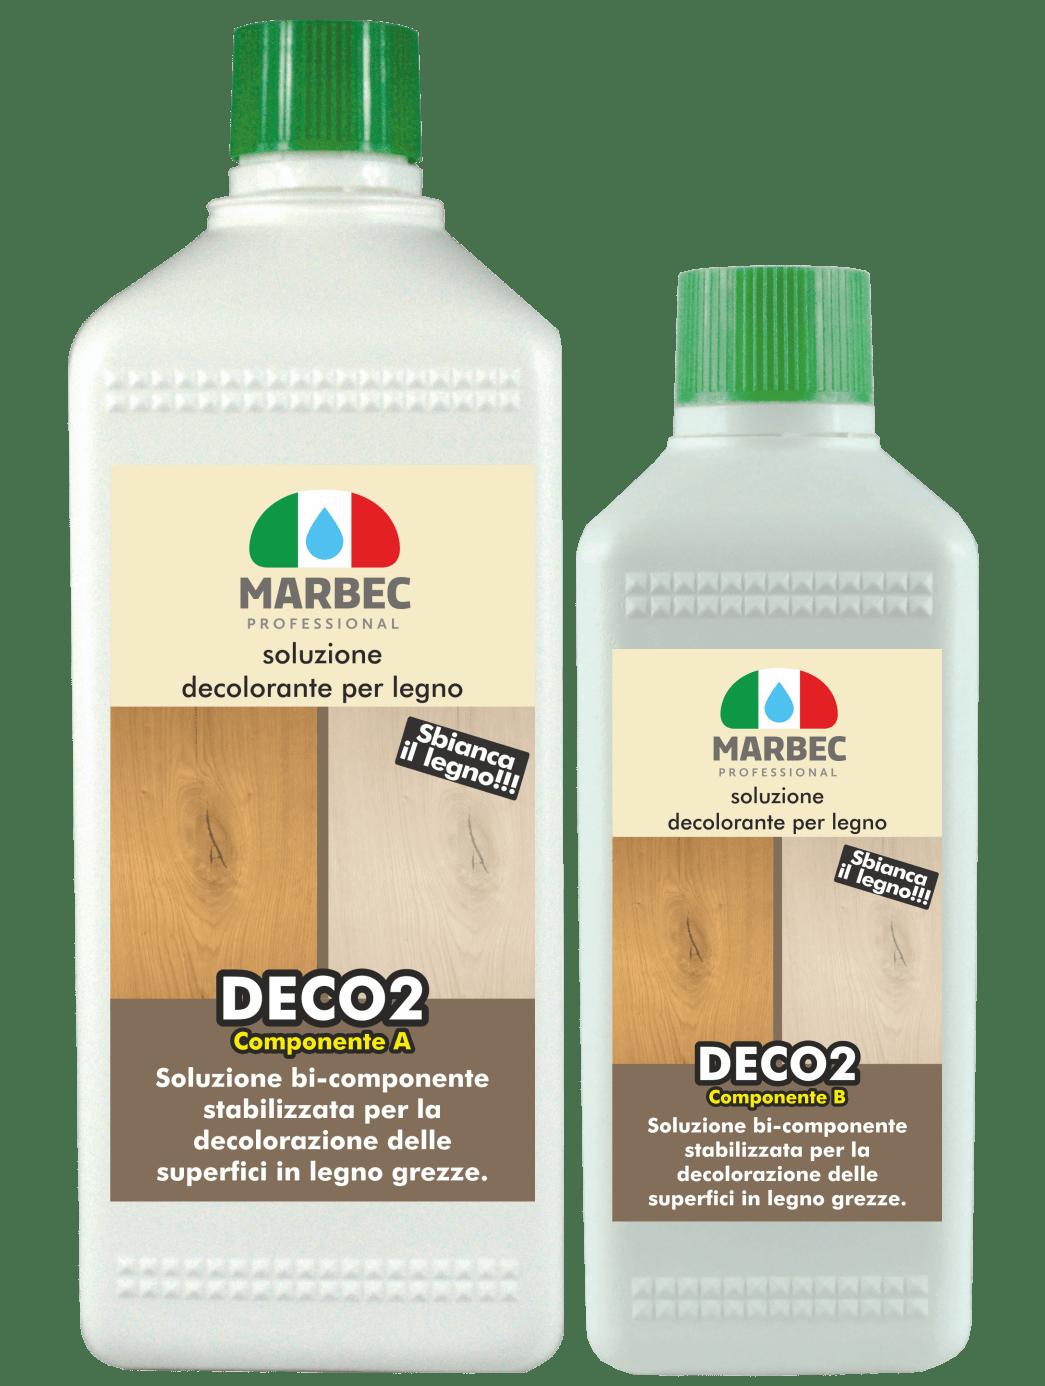 Marbec - DECO2 1lt + 200ml| Soluzione decolorante per legno